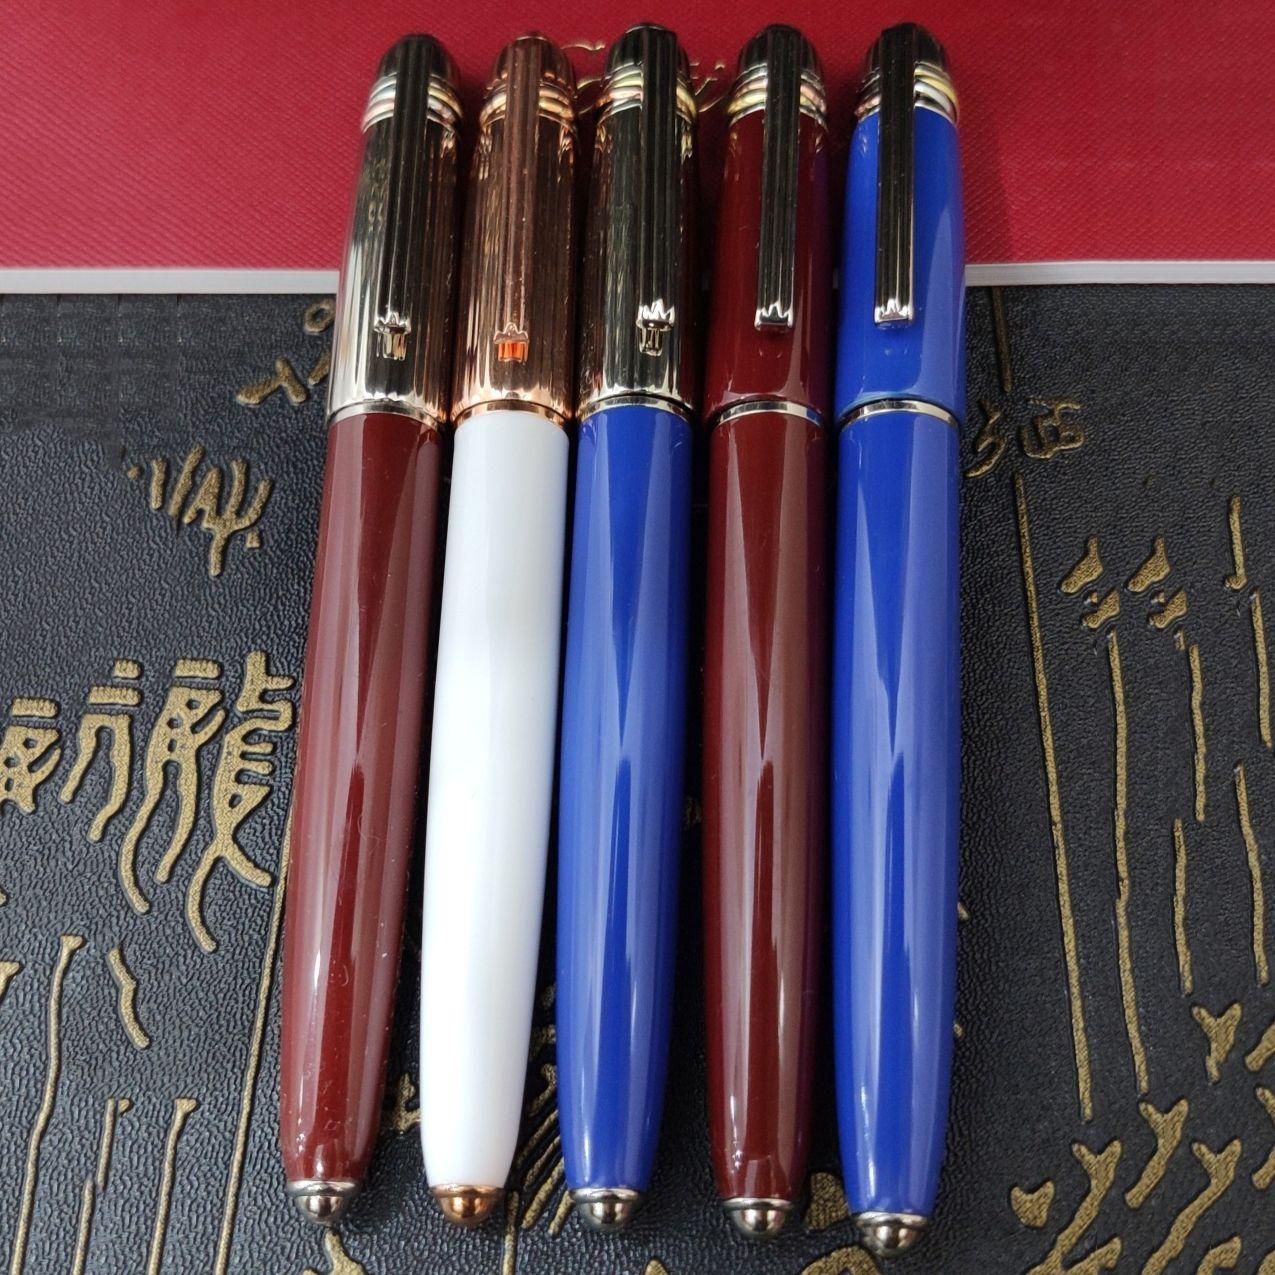 5A Hohe Qualität Luxus Roller Ball Pen 5 Arten Büro Schreibwaren Unterschrift Mode Writing Exquisite Business Gift Festival-Geschenk (mit Original Box)